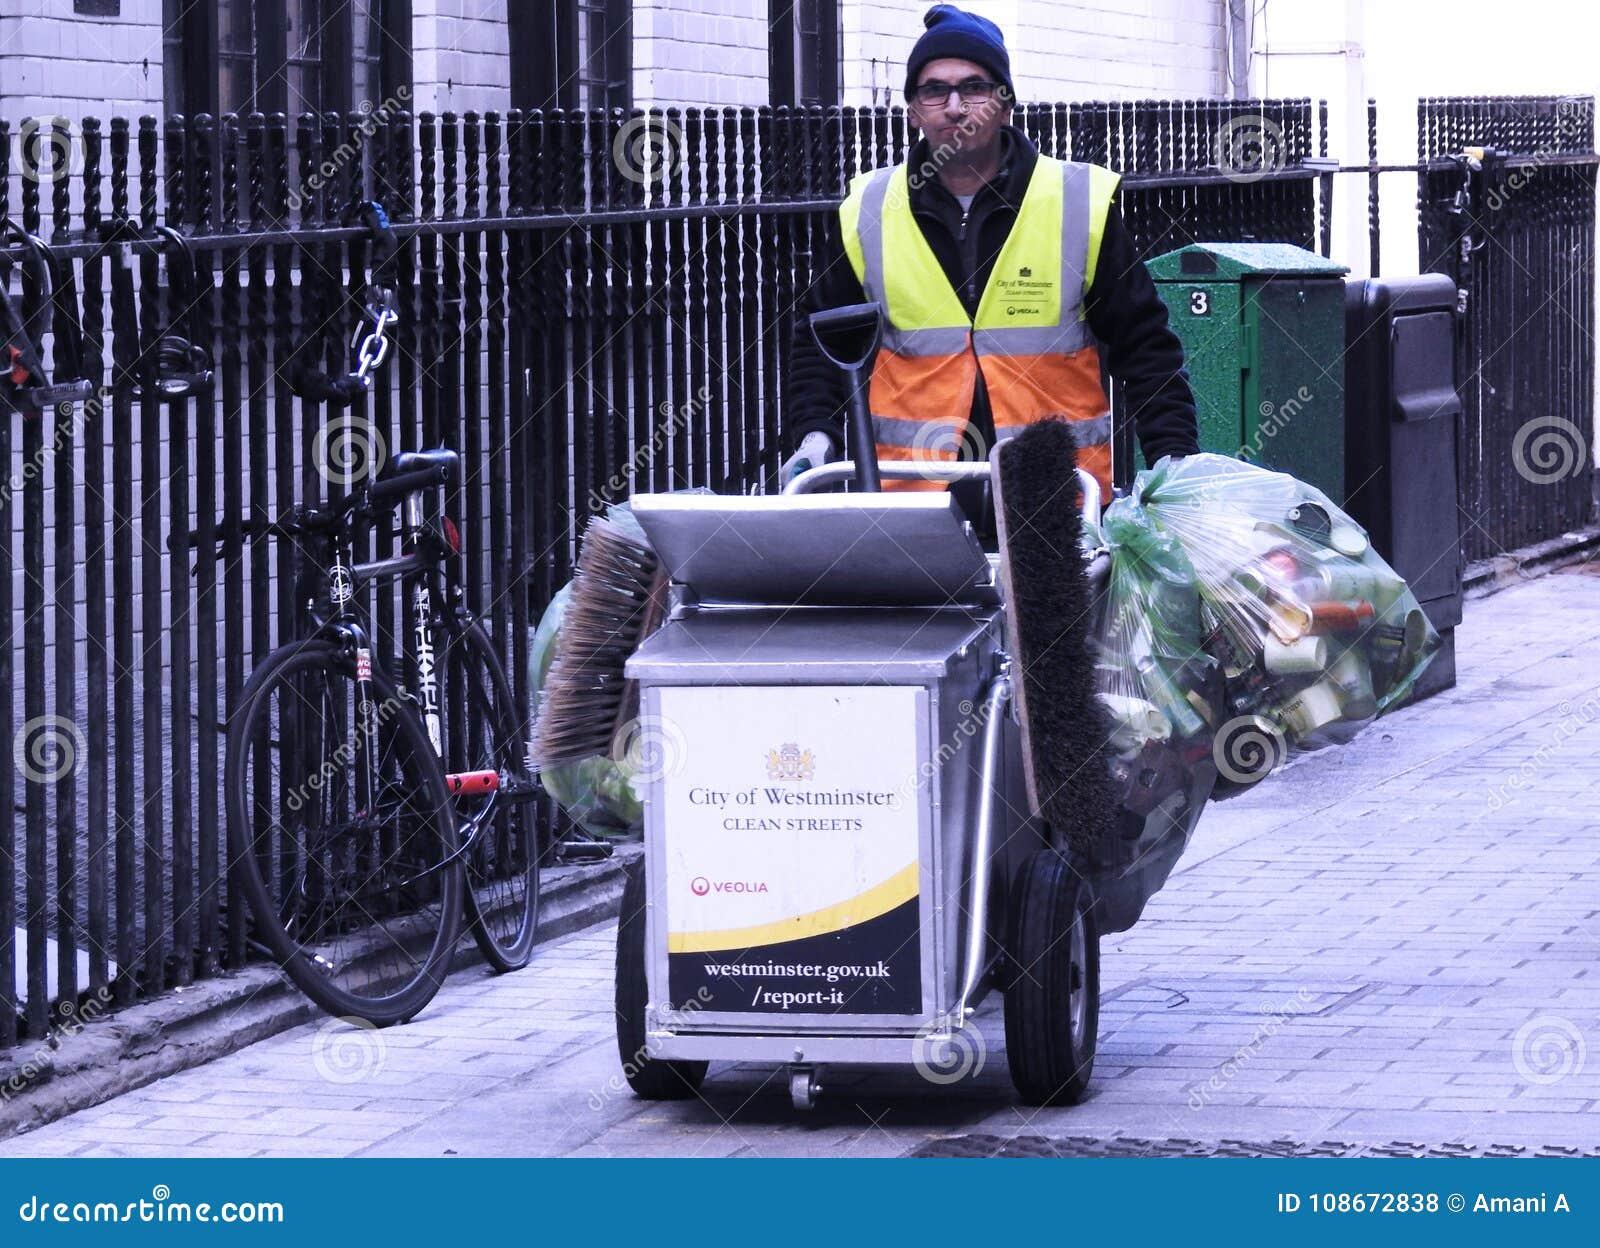 Real life heroes work weekends in London's West End. Soho.